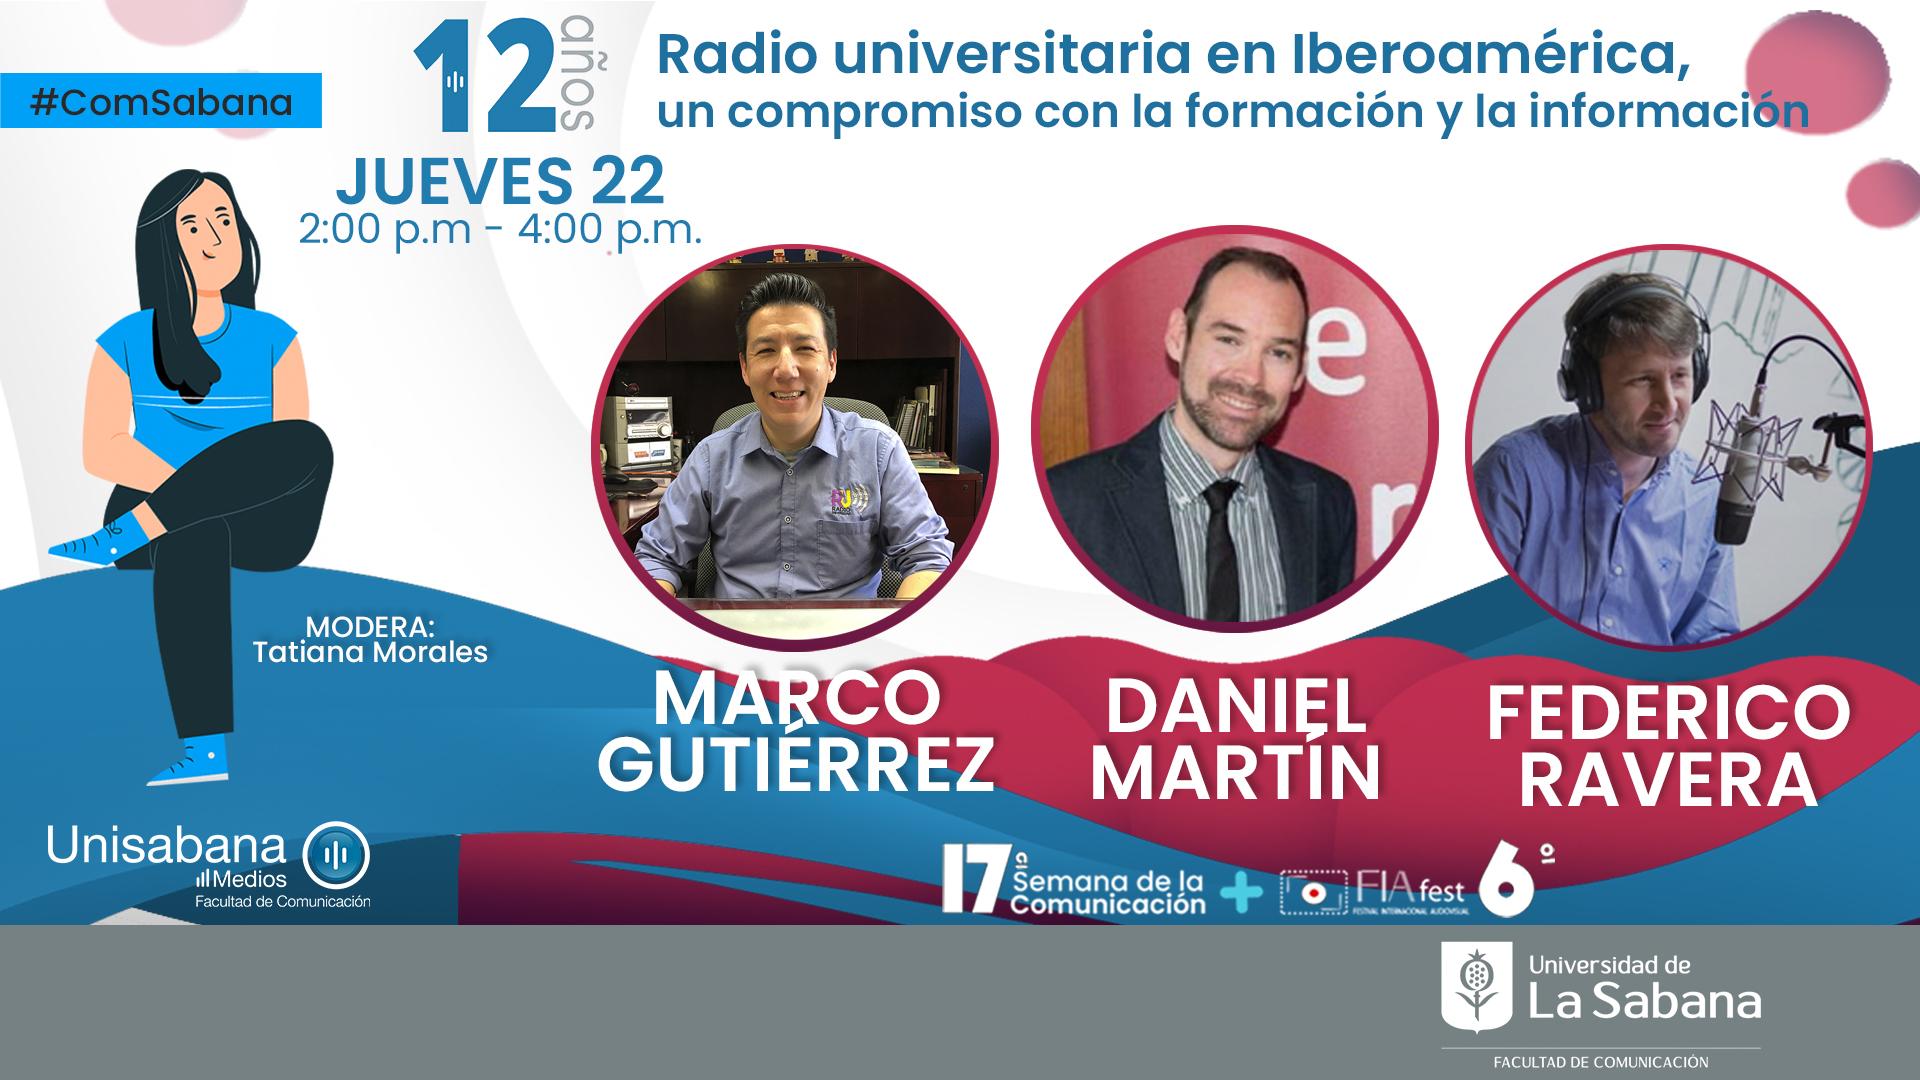 Radiofónicos en la Universidad de la Sabana